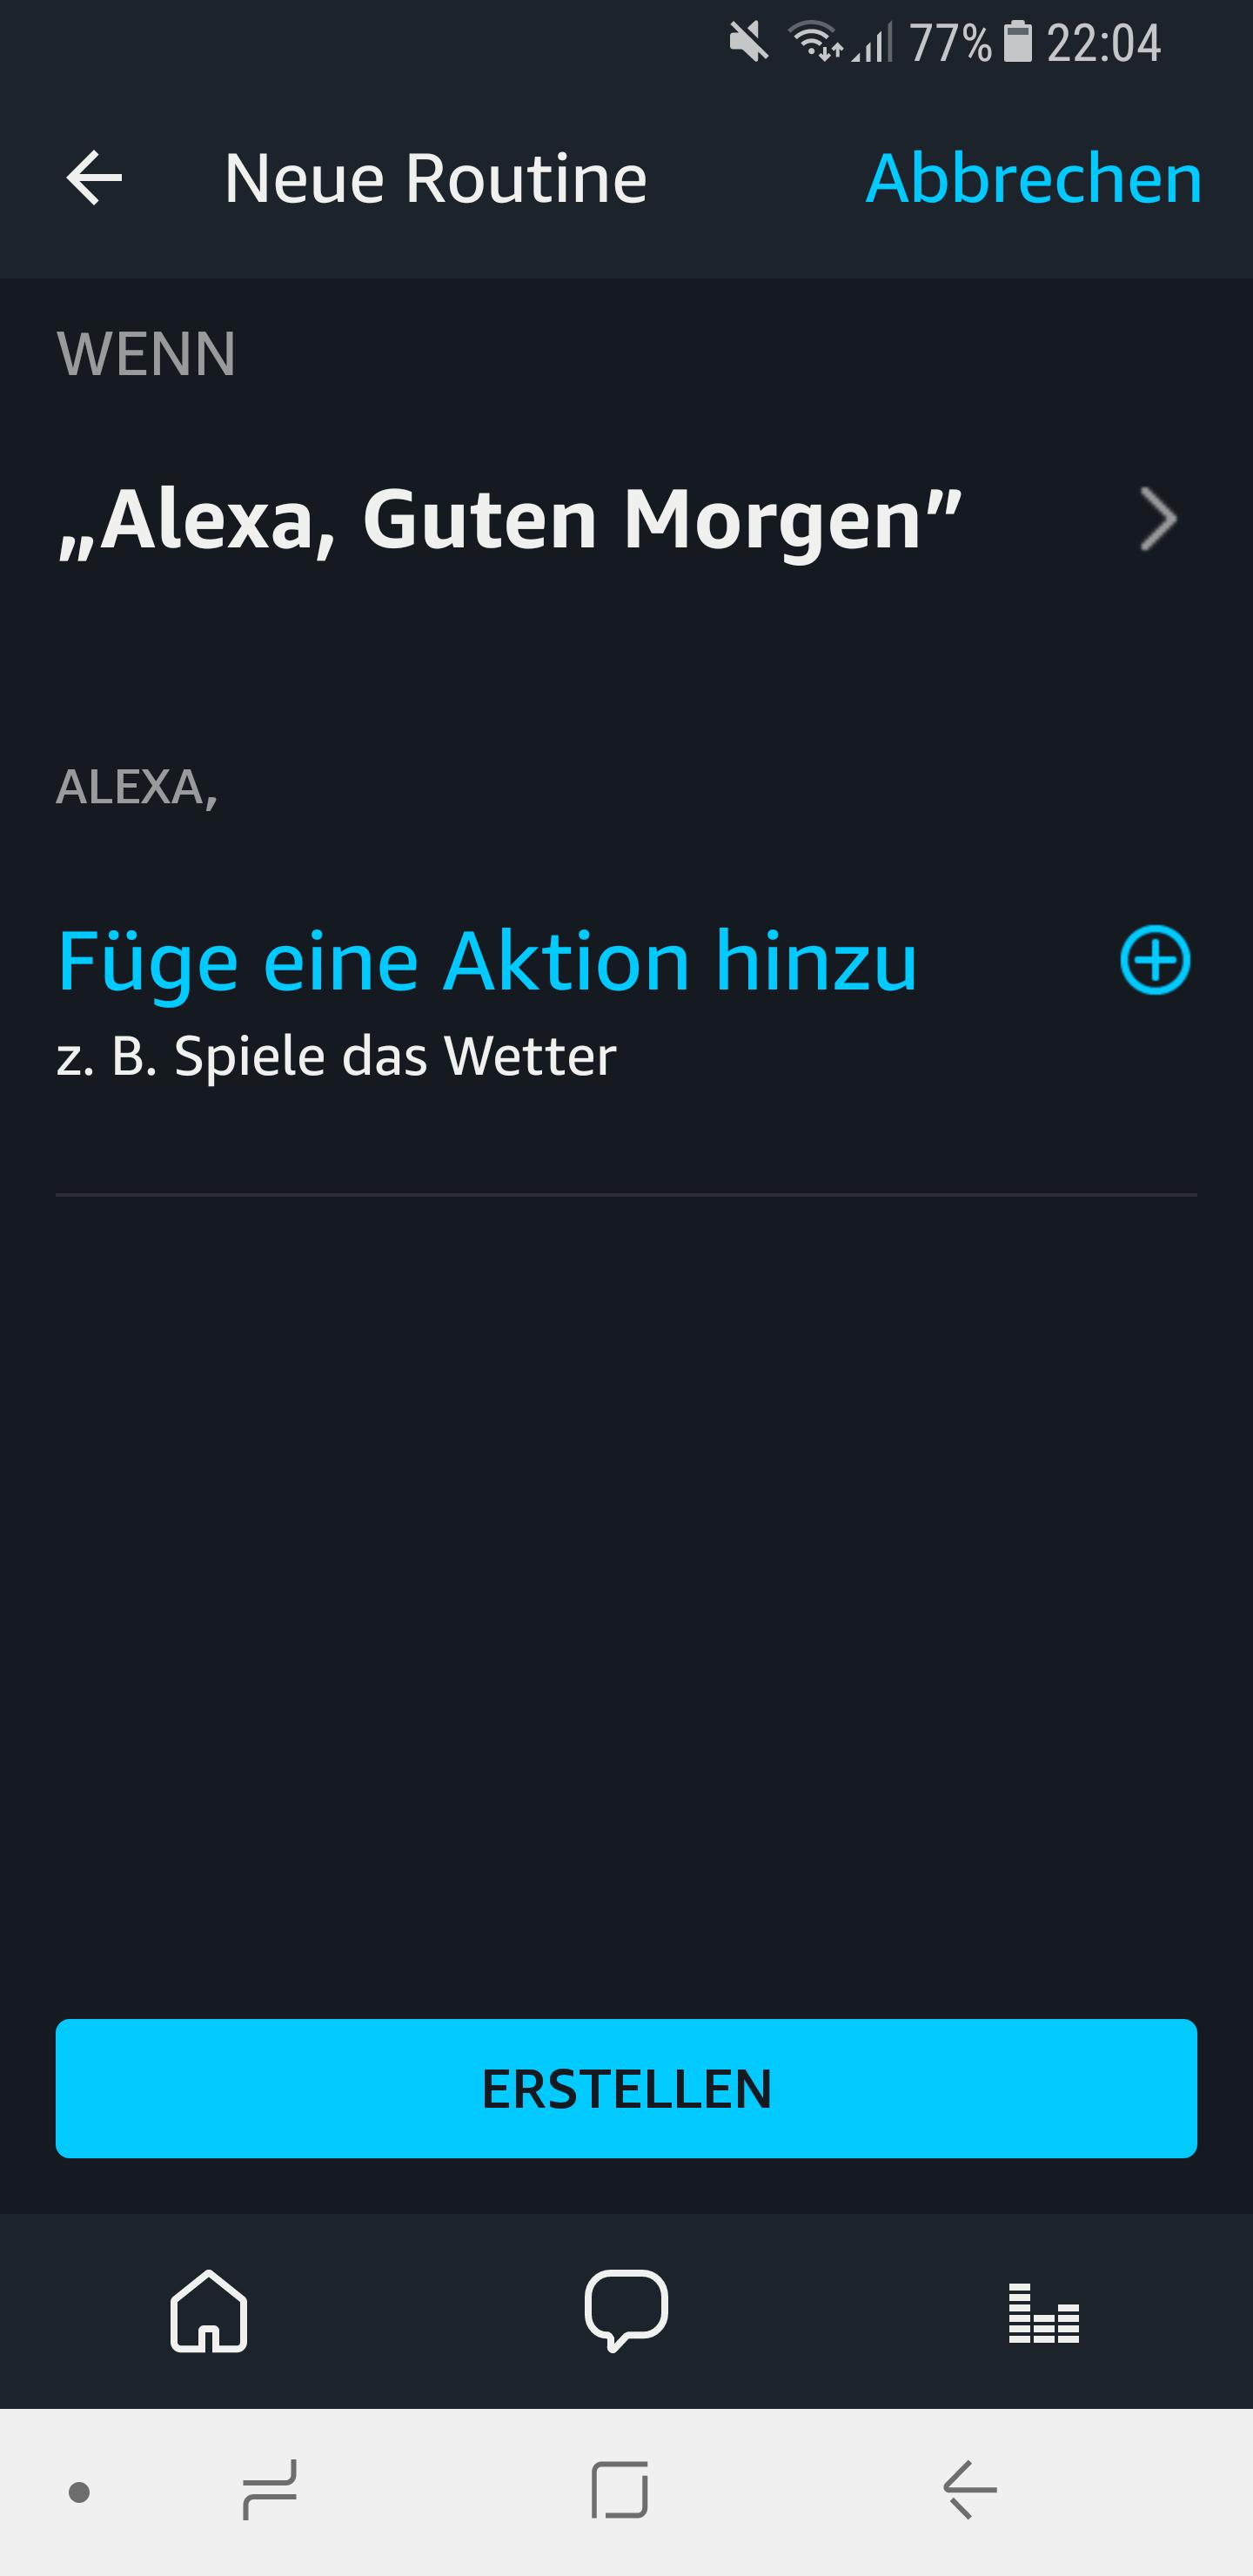 Routinen in der Amazon Alexa App einrichten und nutzen 6